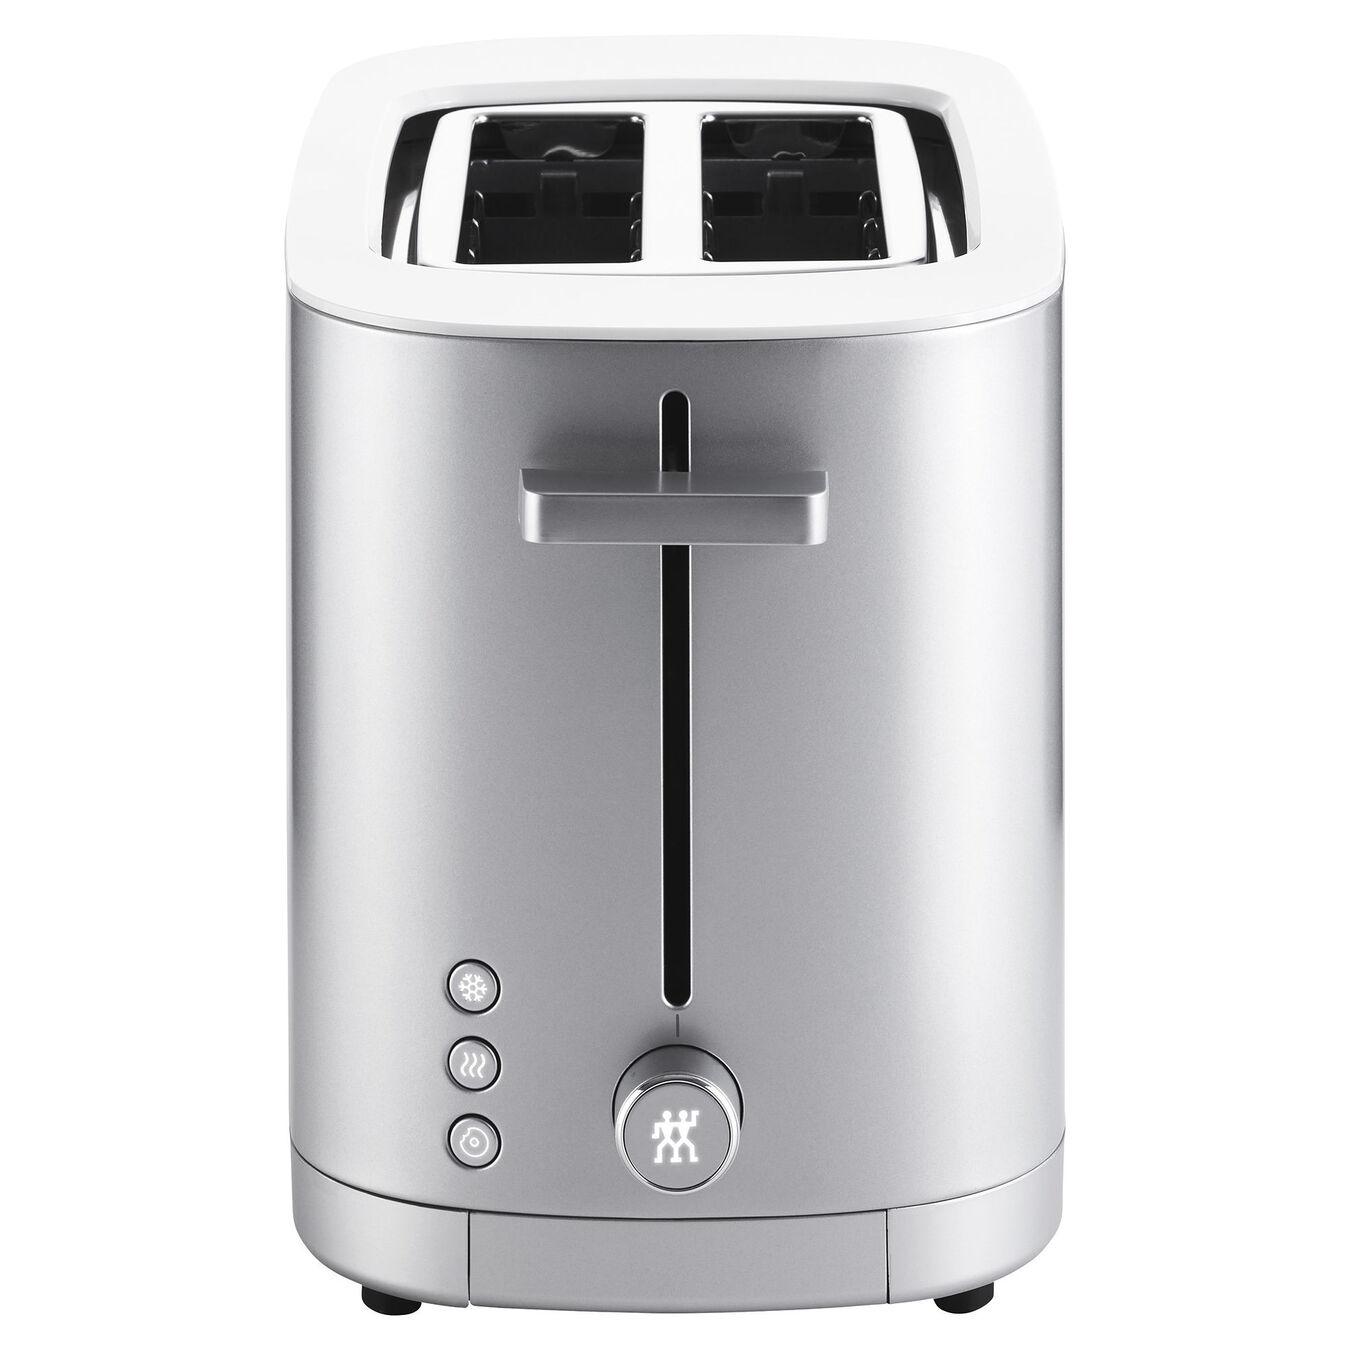 Ekmek Kızartma Makinesi çörek ısıtıcılı | 2 yuva 2 dilim,,large 5